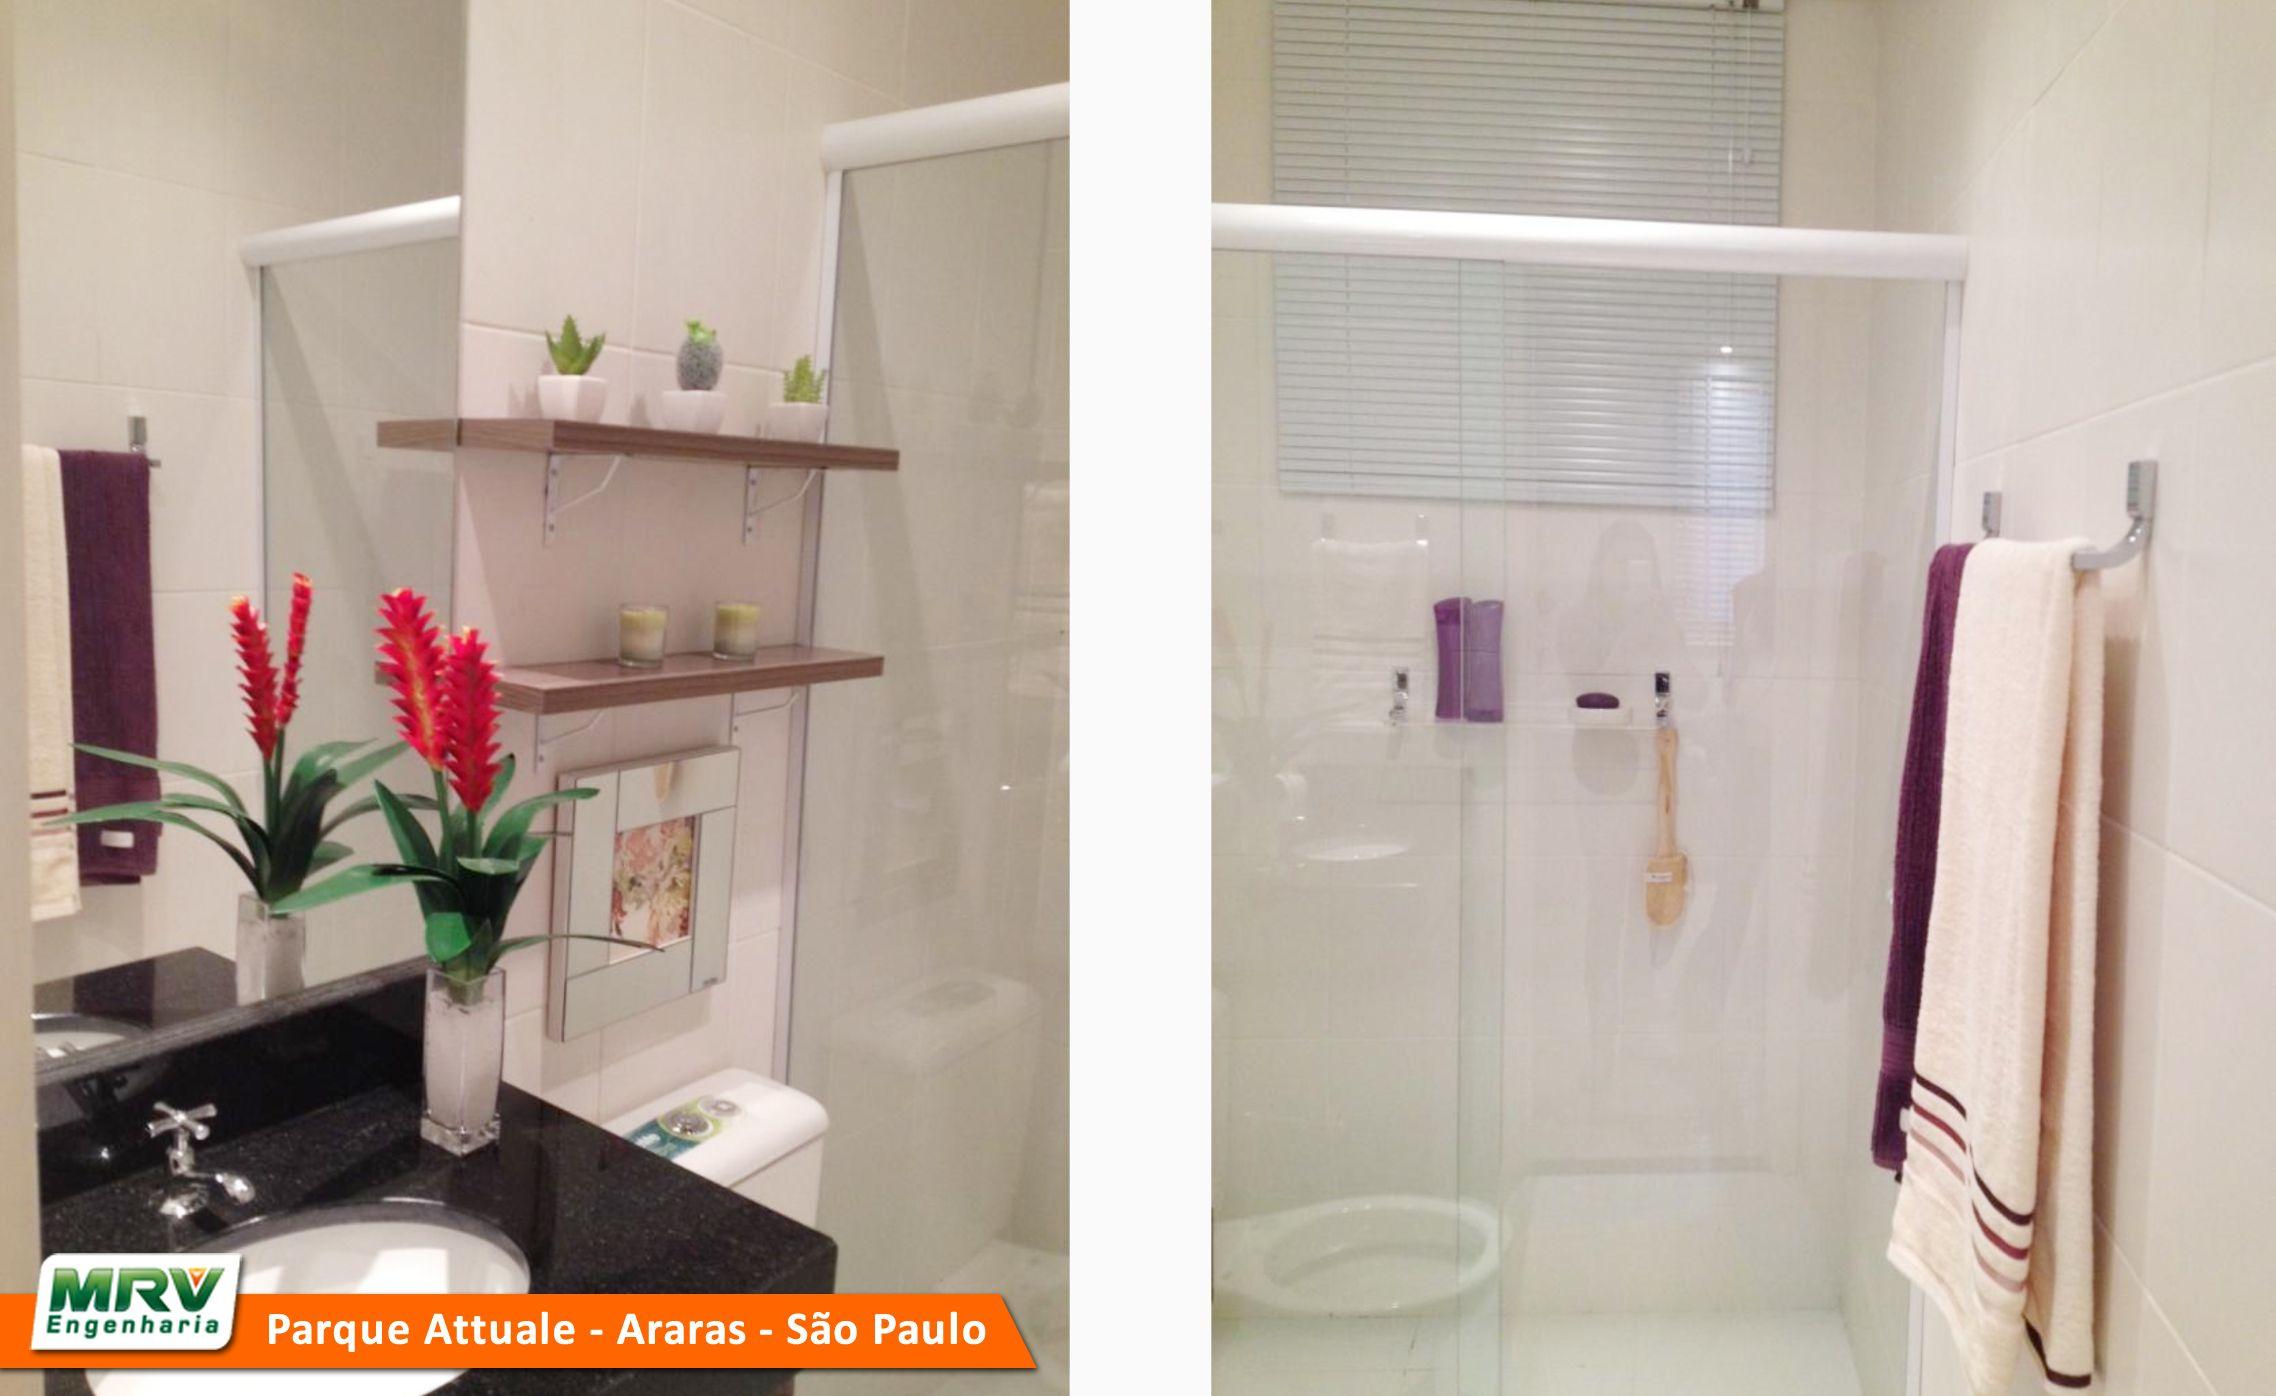 Catarina Araras SP MRV Engenharia MRV Engenharia Banheiro #C95002 2276x1396 Banheiro Apartamento Mrv